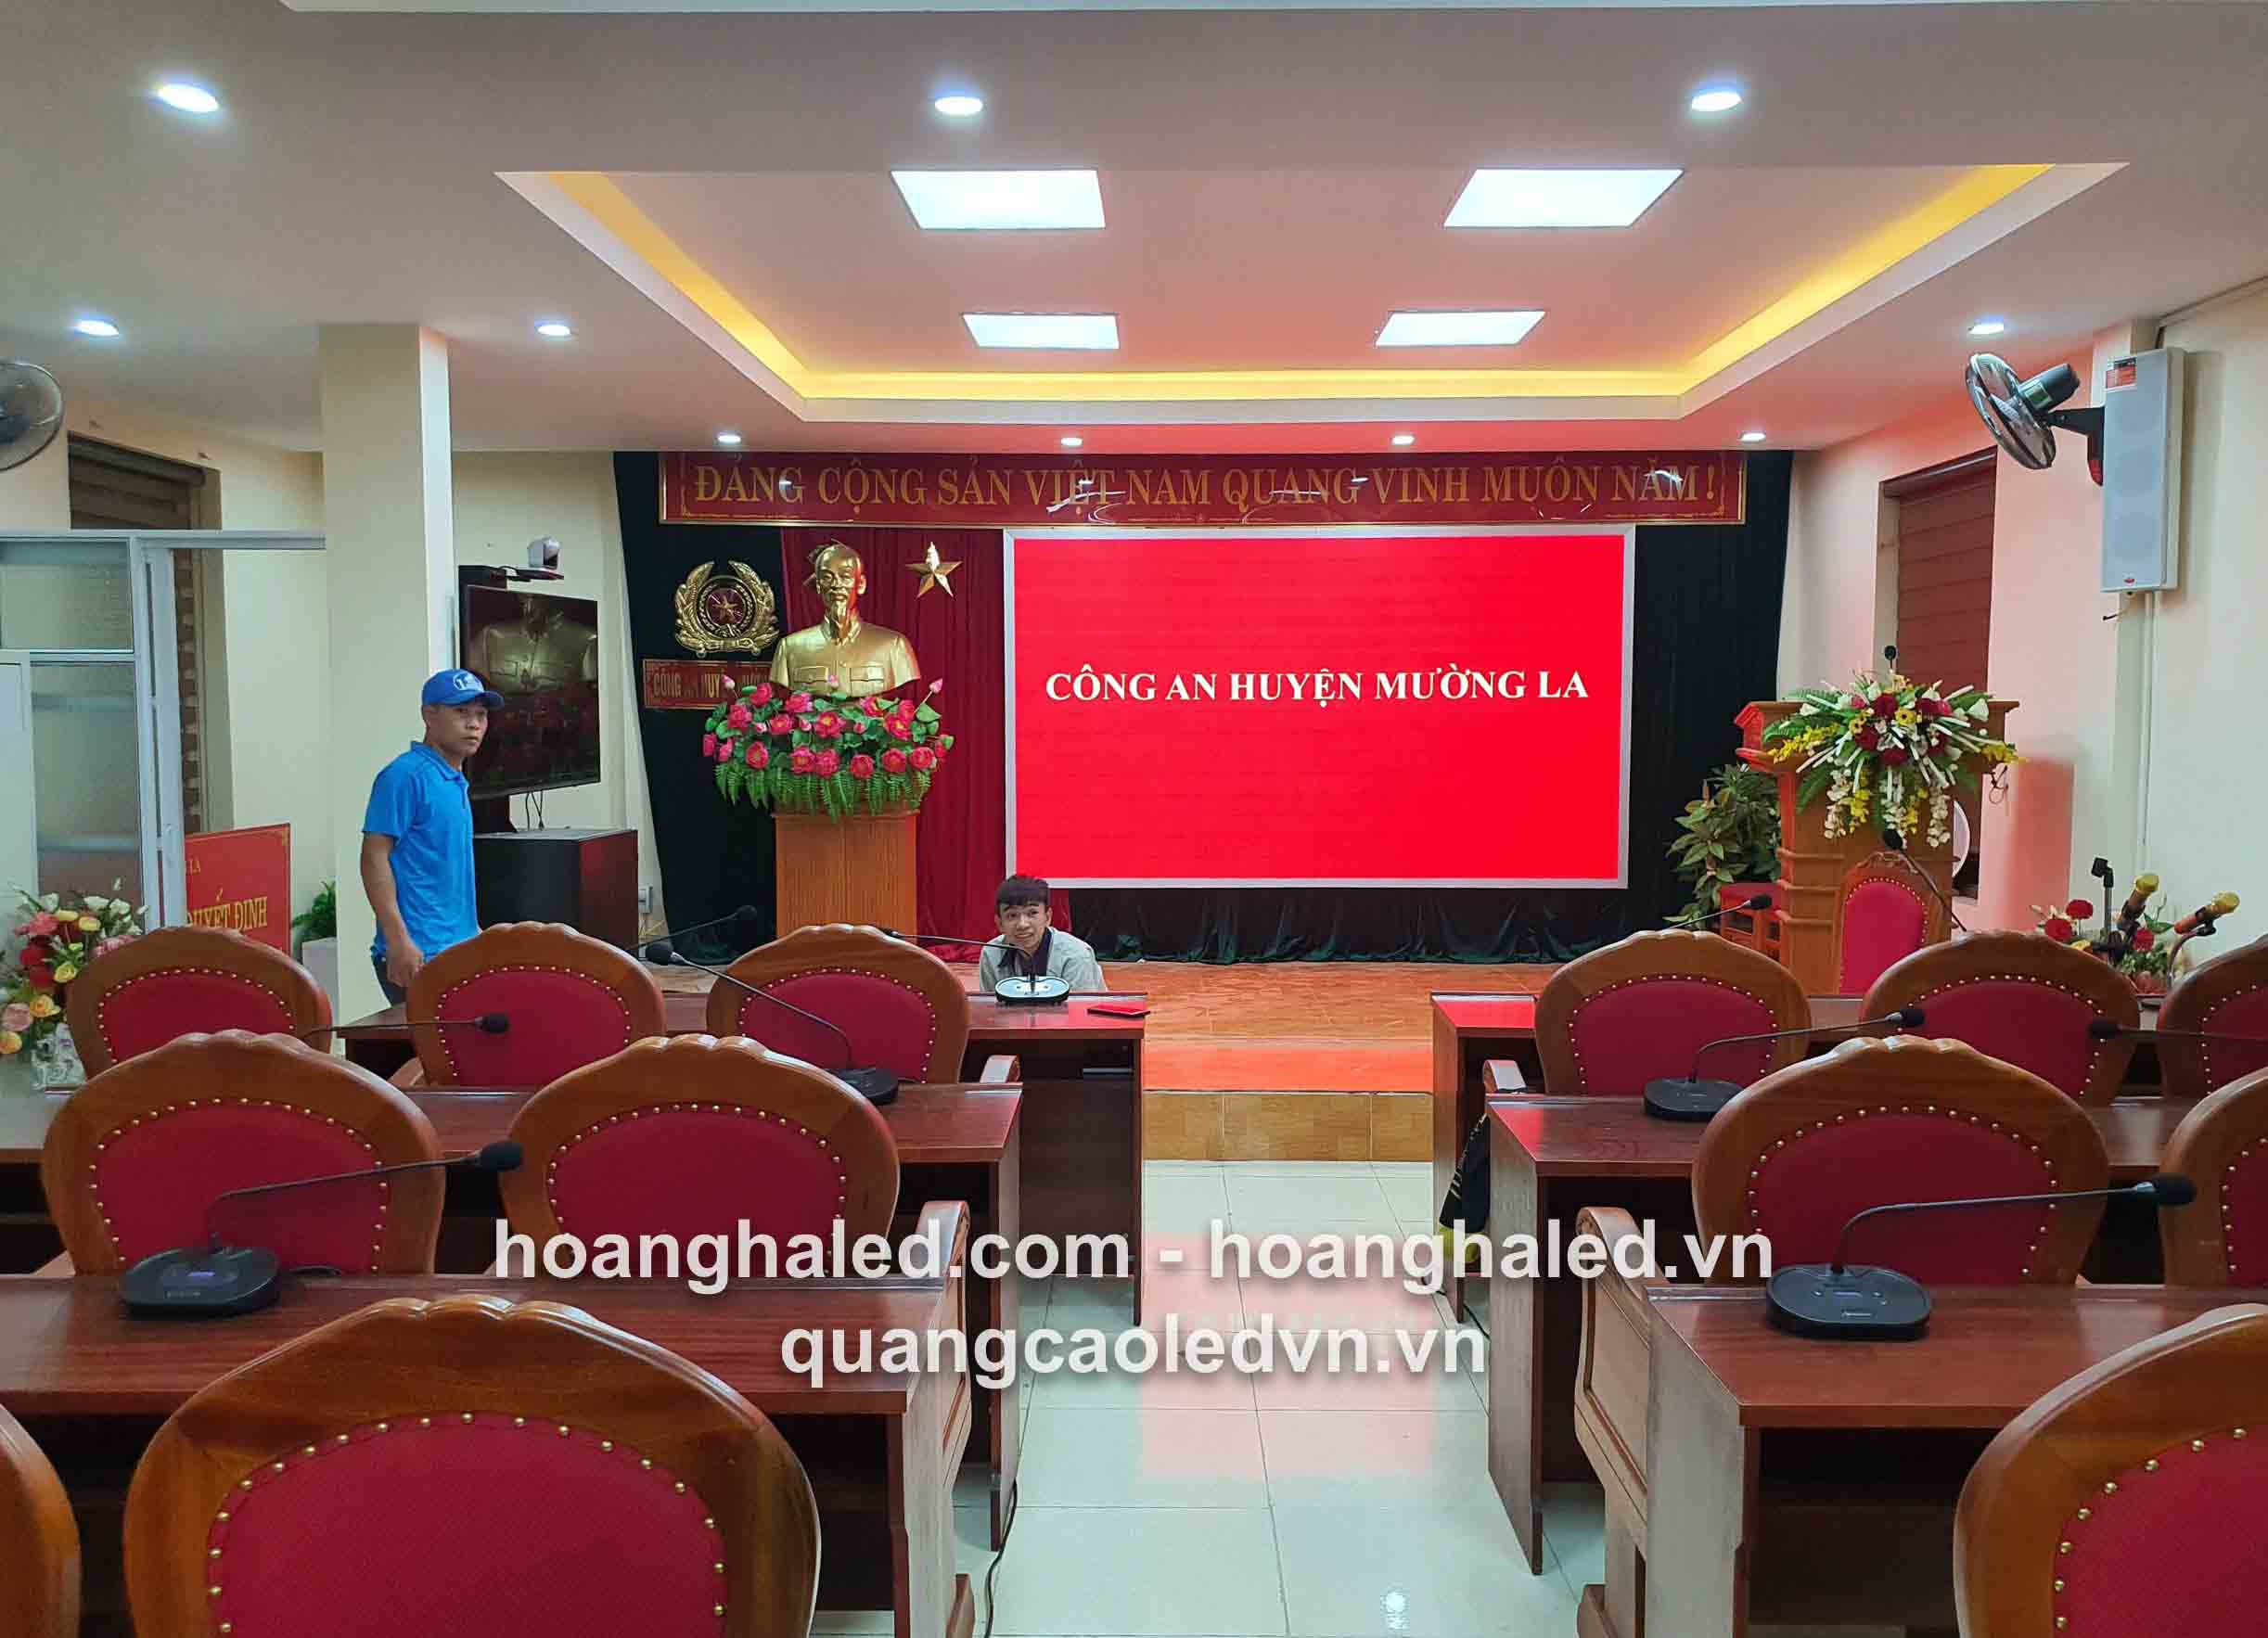 thi_cong_man_hinh_led_p3_tai_cong_an_muong_la_son_la1